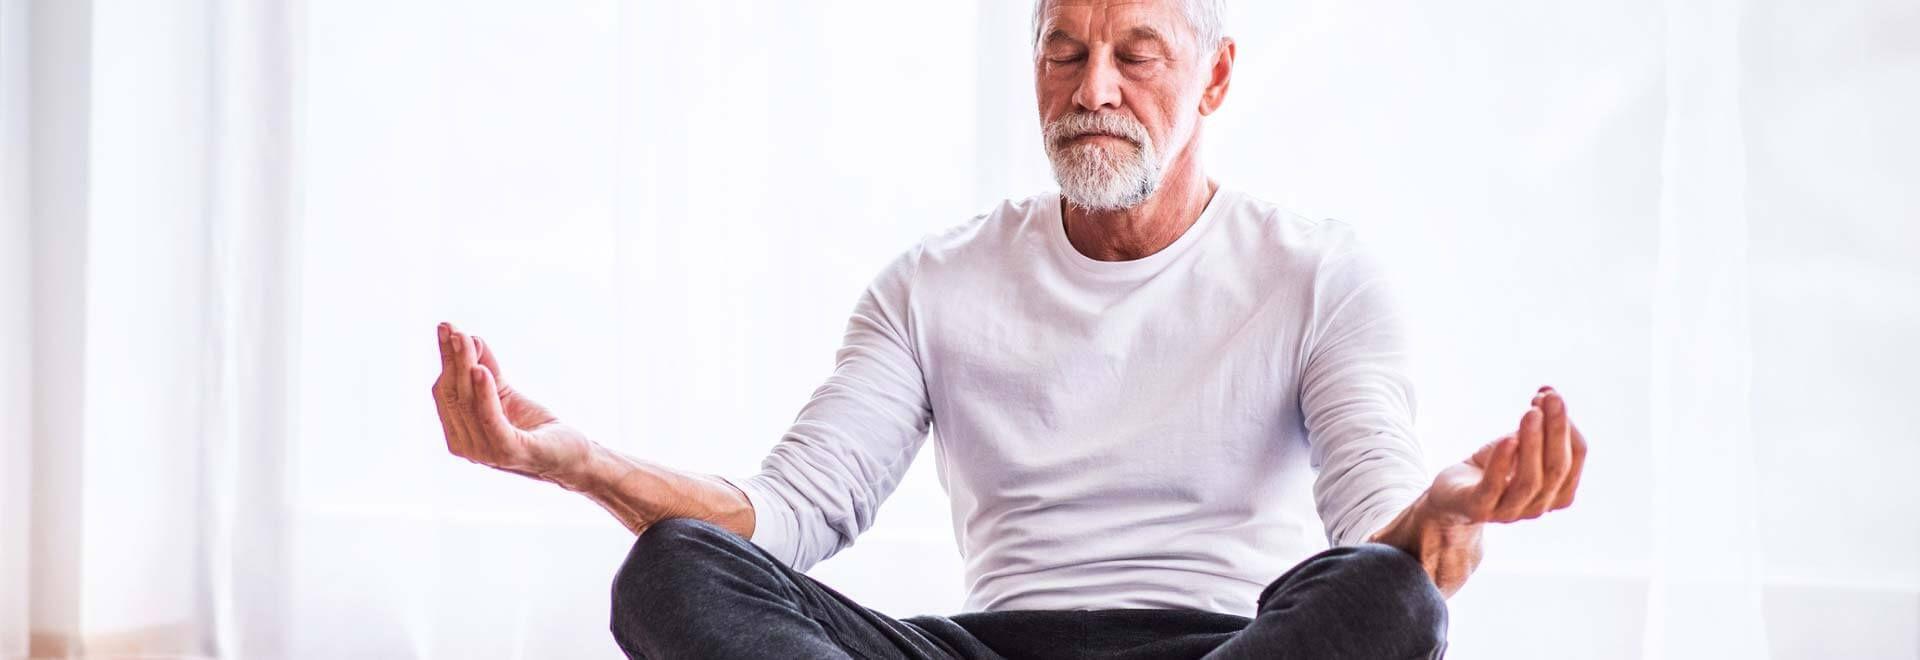 Stress abbauen mit einer Entspannungsübung